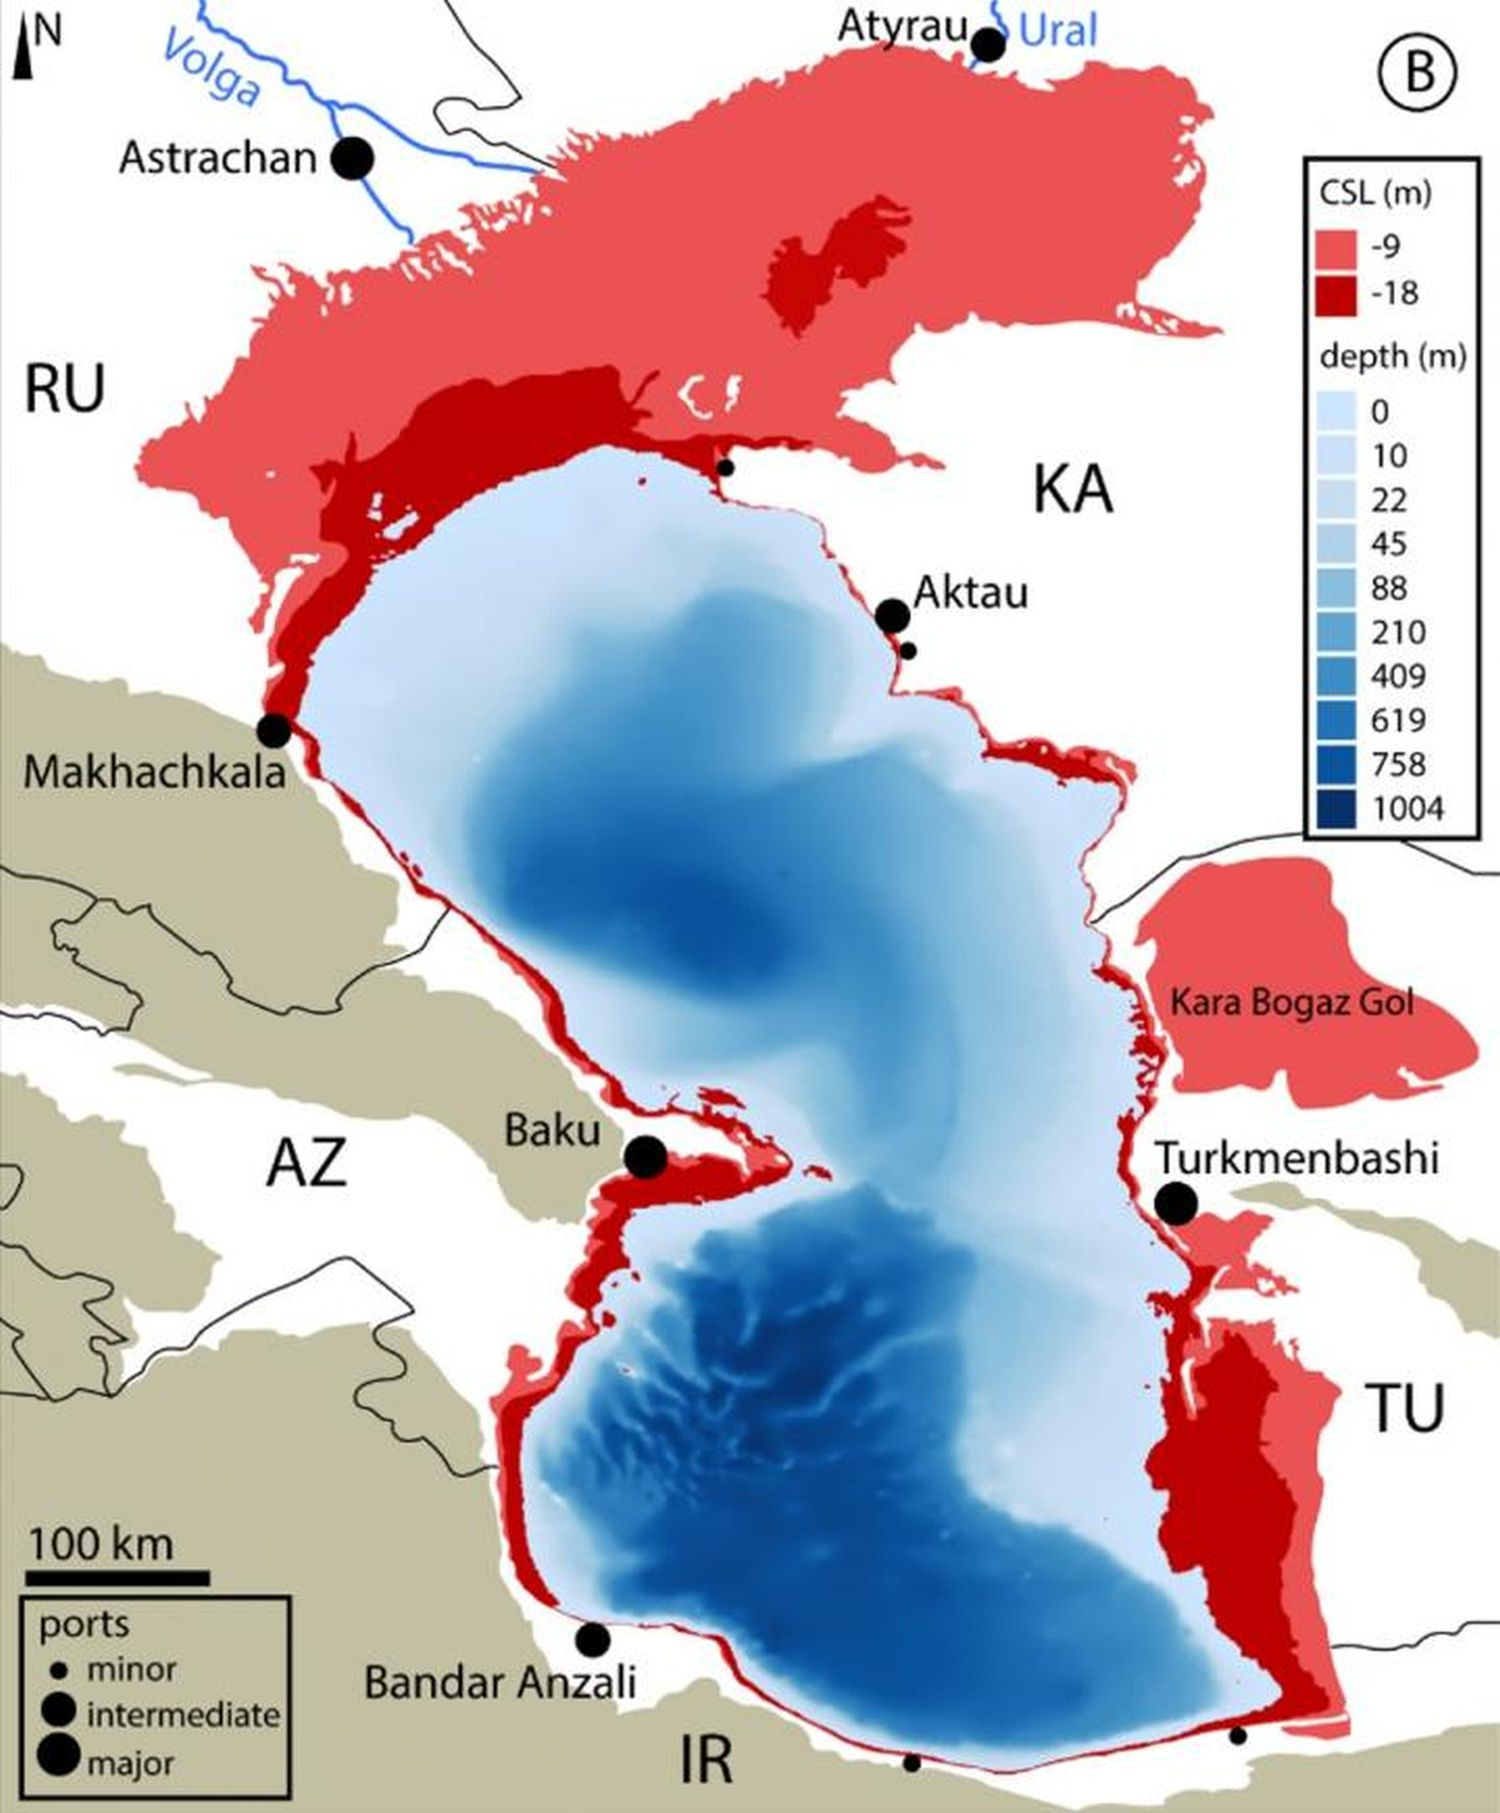 Las zonas más afectadas son las del norte y el este (en rojo), donde el mar tiene poca profundidad. En las escalas, expresadas en metros, descenso del nivel del mar en el Caspio de nueve metros en un escenario de emisiones [de CO₂] intermedio y de 18 metros en uno de altas emisiones para finales de siglo. En azul, escalas de profundidades. Abajo, escala y representación de puertos menores (minor), intermedios (intermediate) y mayores (major)